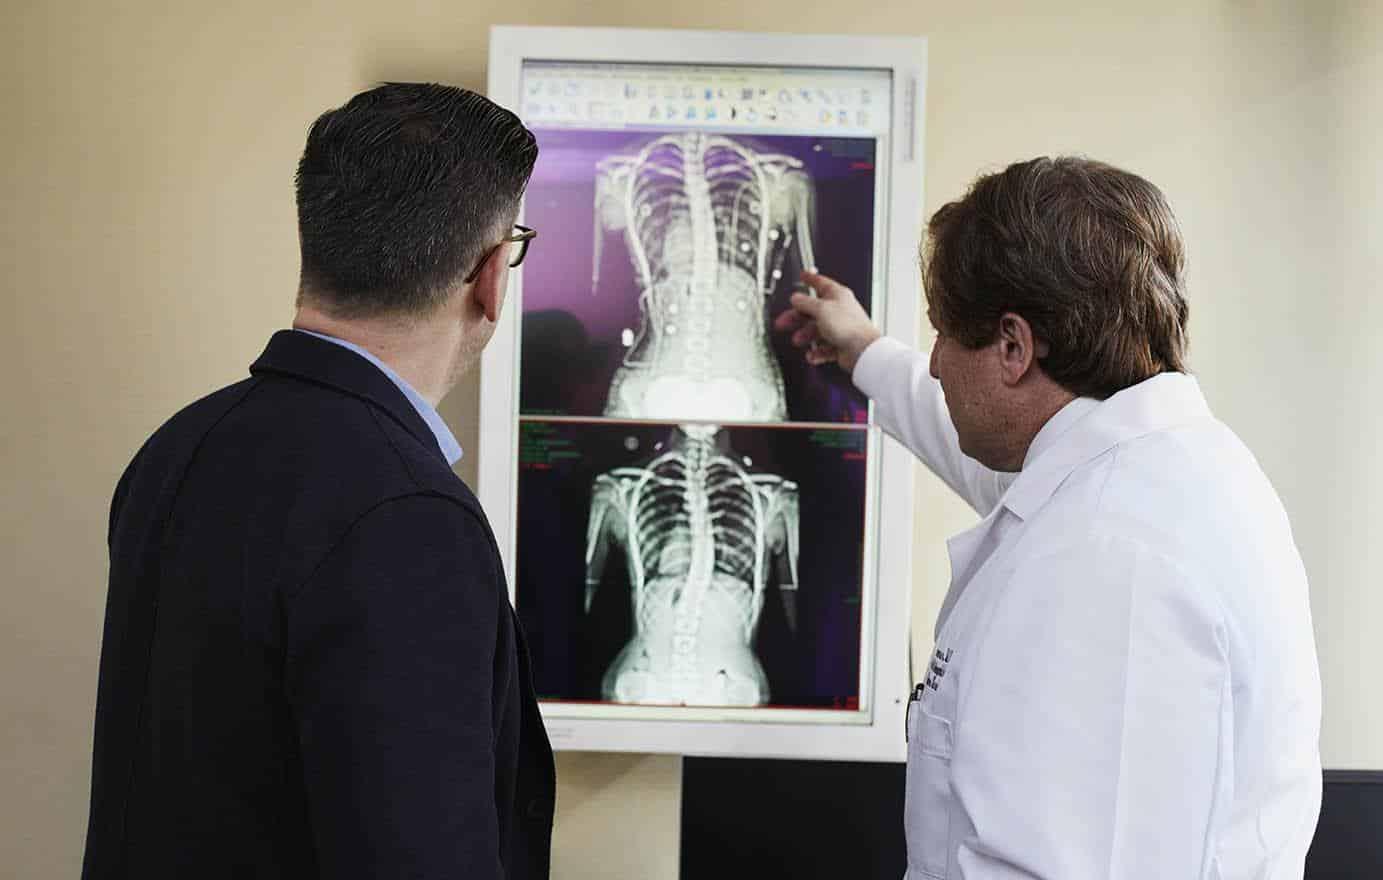 Ferramenta de IA identifica casos de Covid-19 por radiografias - Olhar  Digital